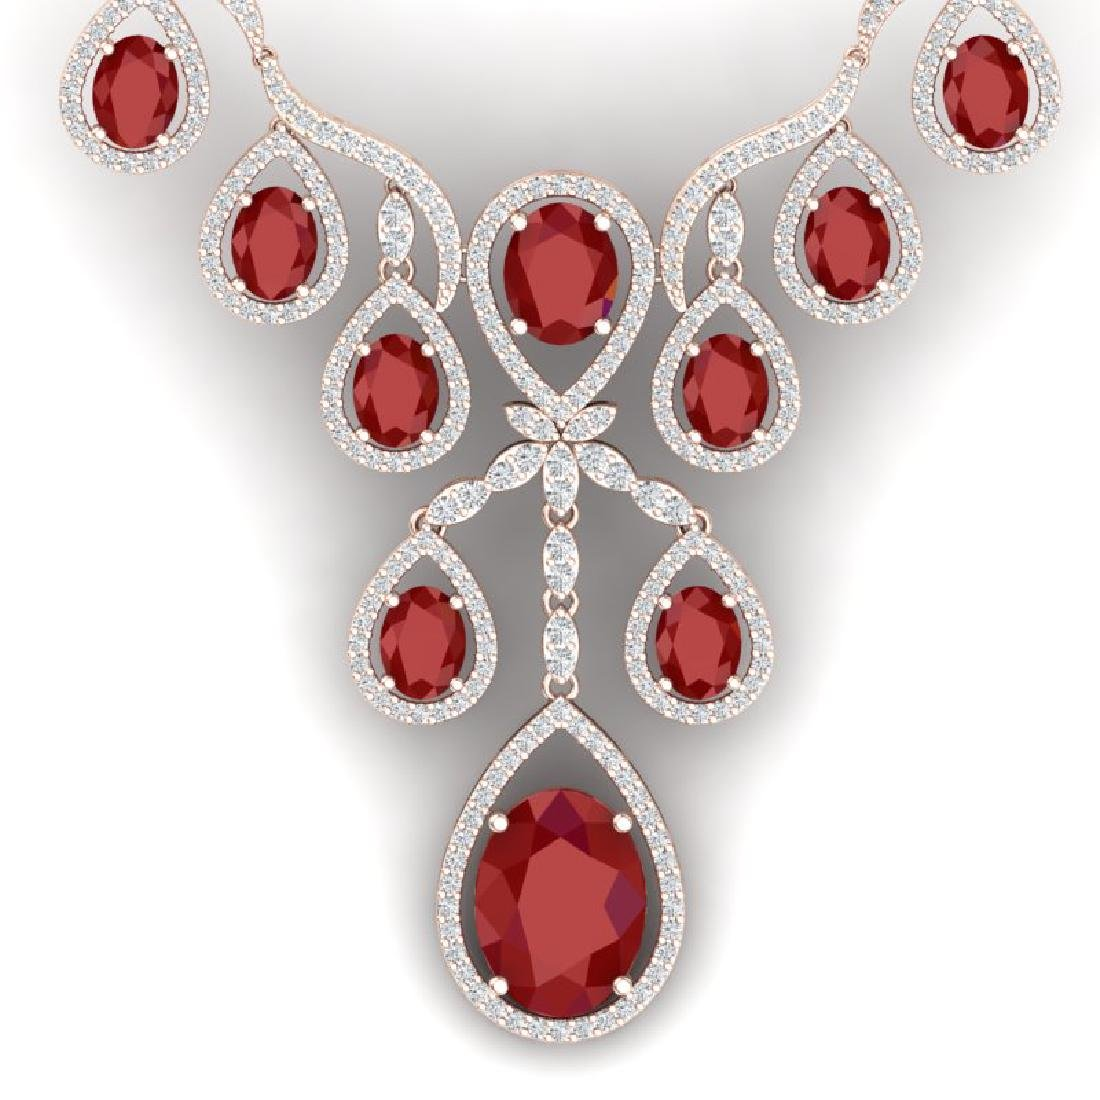 37.66 CTW Royalty Ruby & VS Diamond Necklace 18K Rose